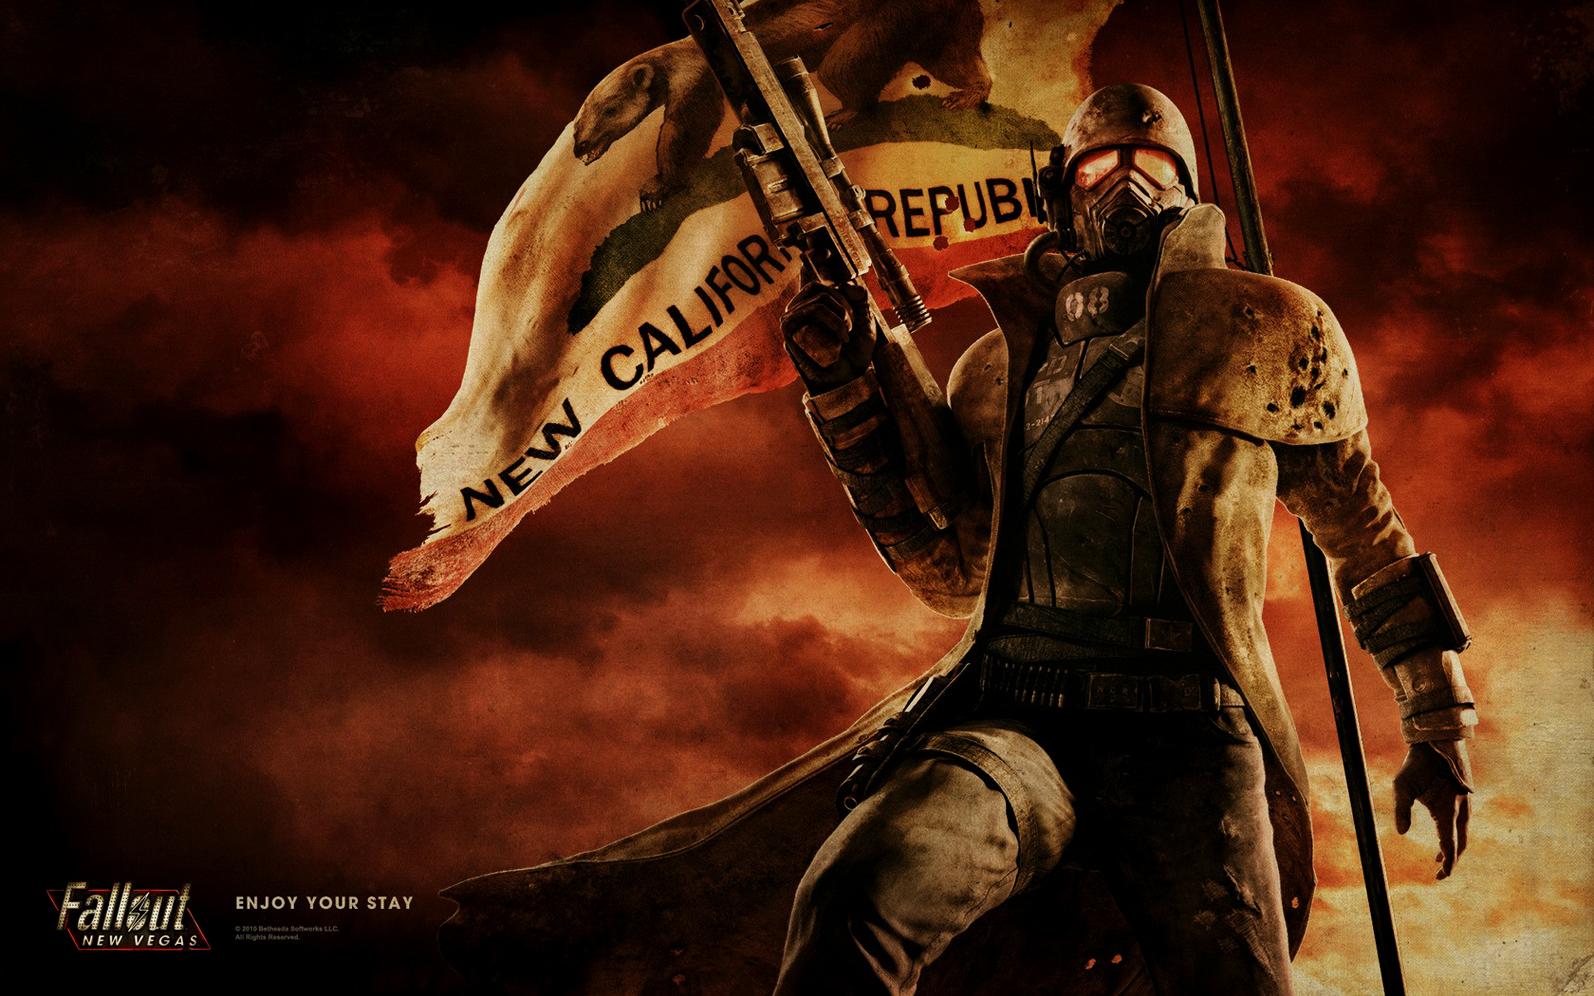 https://2.bp.blogspot.com/-r41jkxExTYA/UKZ177y-5UI/AAAAAAAAGHI/4AAnMZK6FnE/s1600/Fallout-New-Vegas-HD-Sniper-Wallpaper_Vvallpaper.Net.jpg